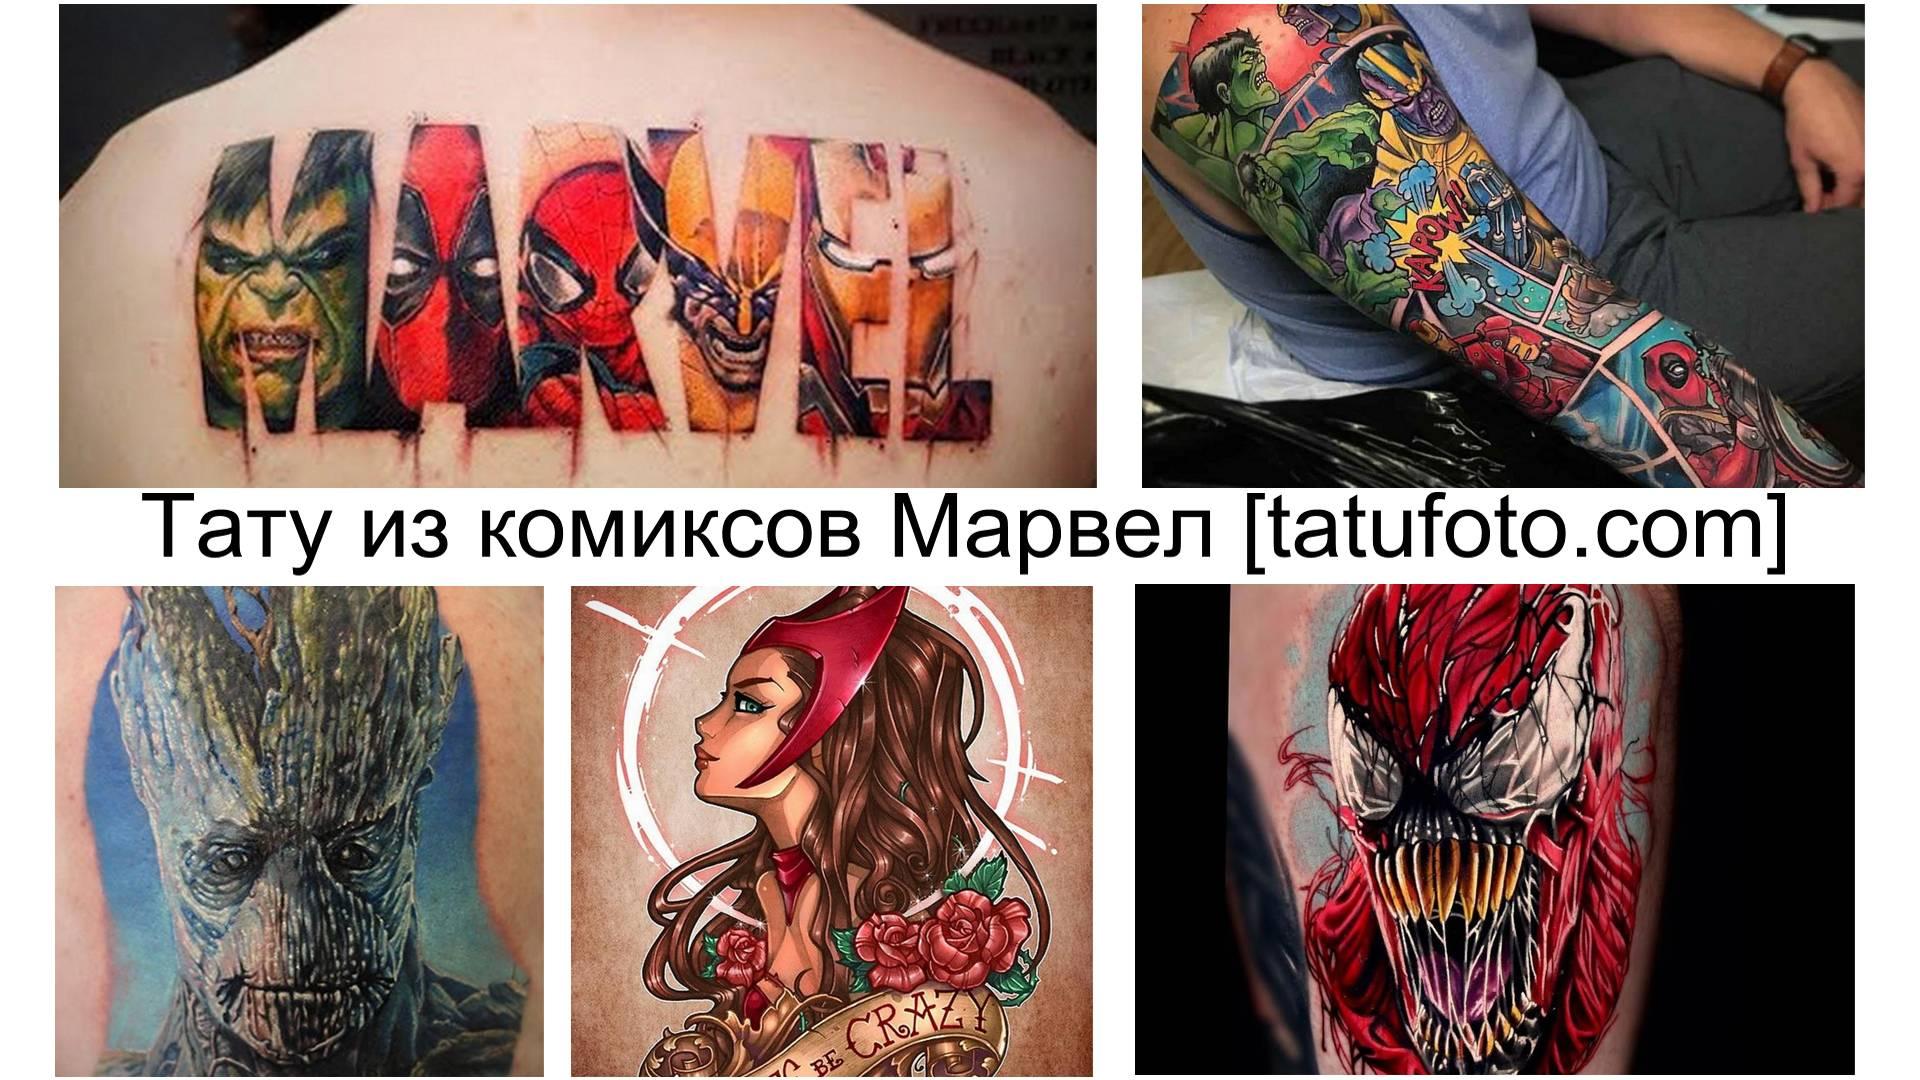 Тату из комиксов Марвел - информация про особенности и фото примеры готовых татуировок